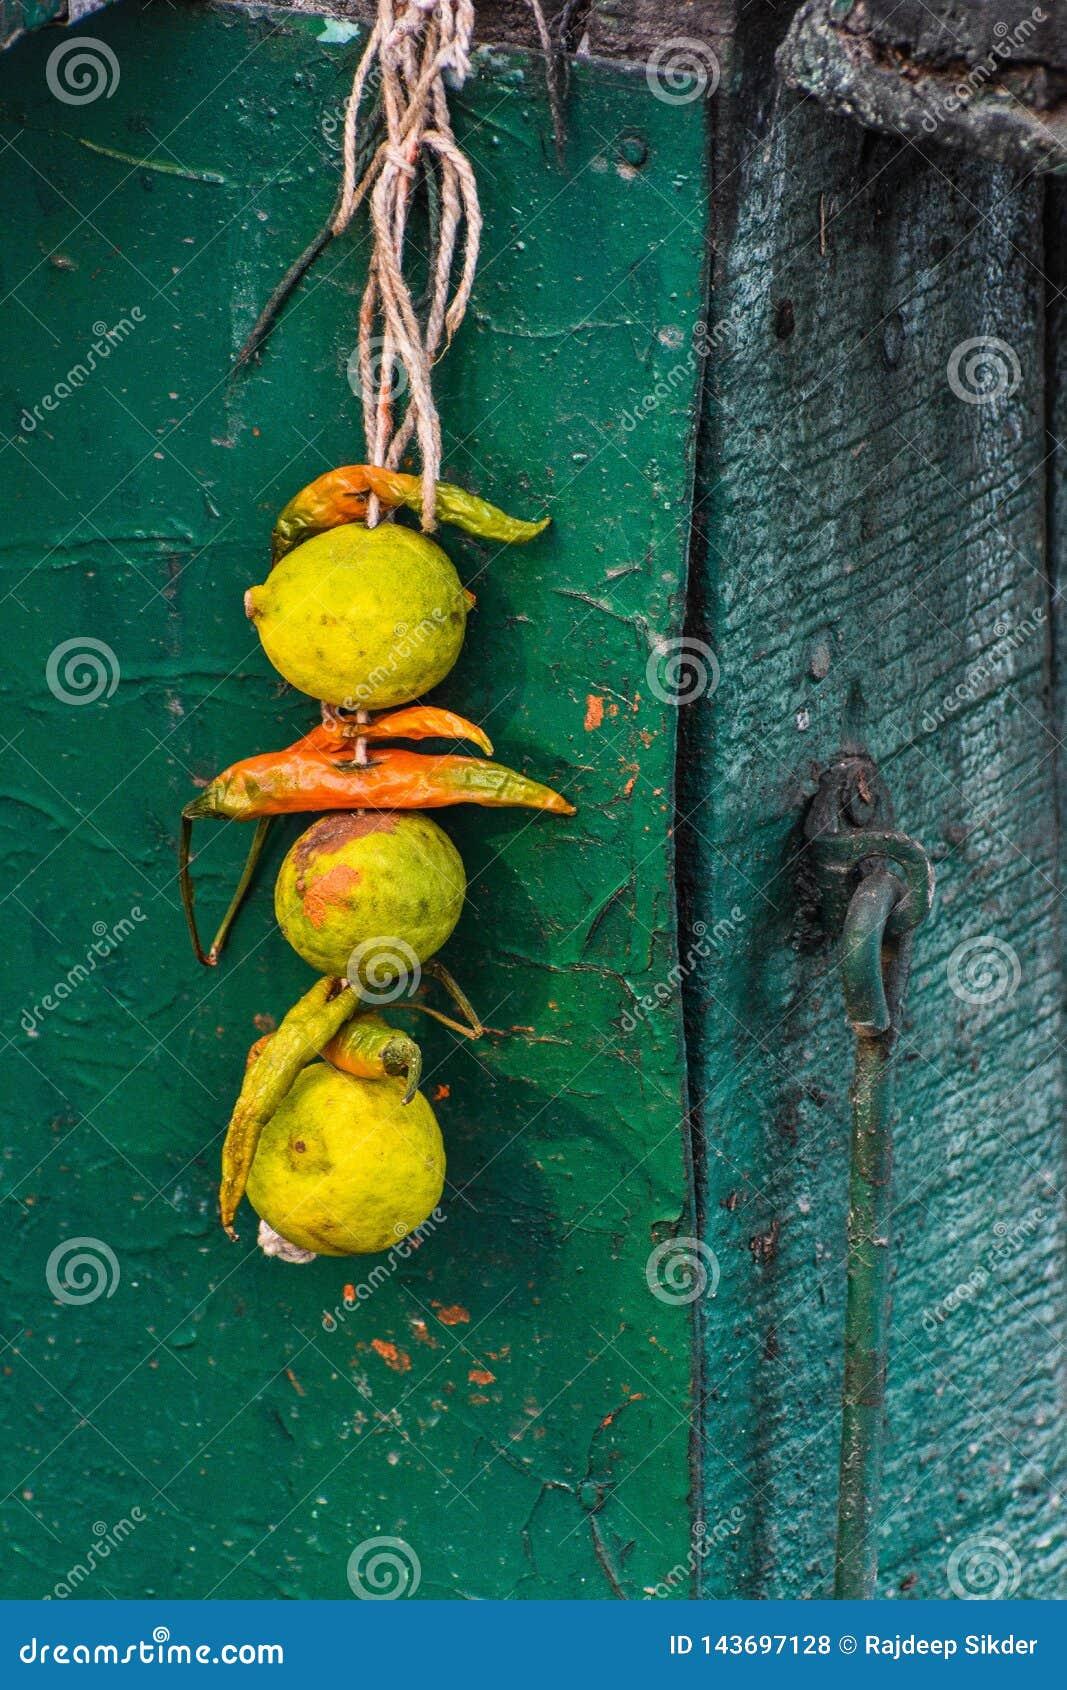 Citron och chilies som binds samman med en tråd, också som är bekant som totka eller den nazar battuen